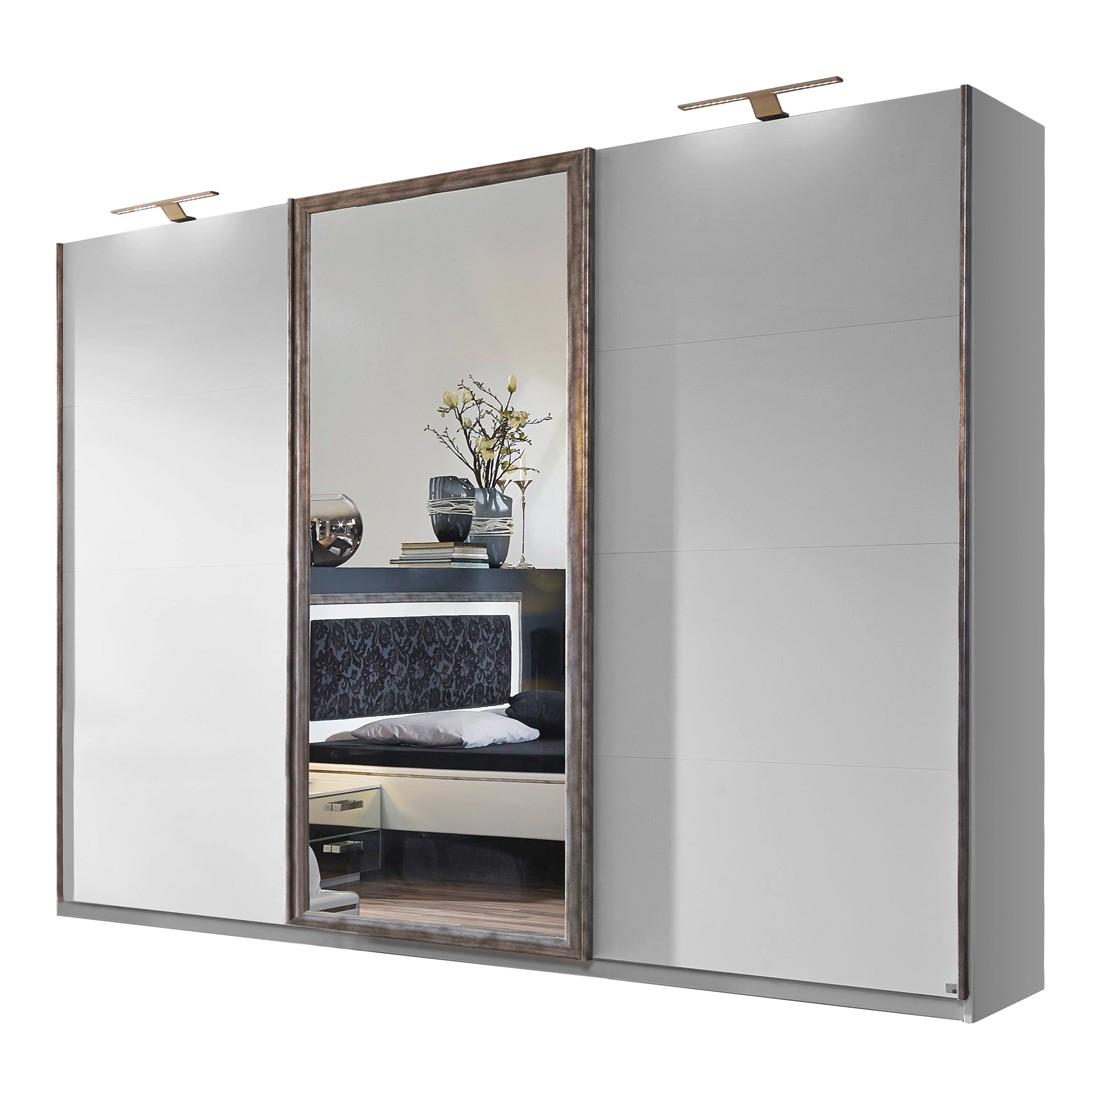 Schlafzimmerkasten  Möbel online günstig kaufen über shop24.at   shop24